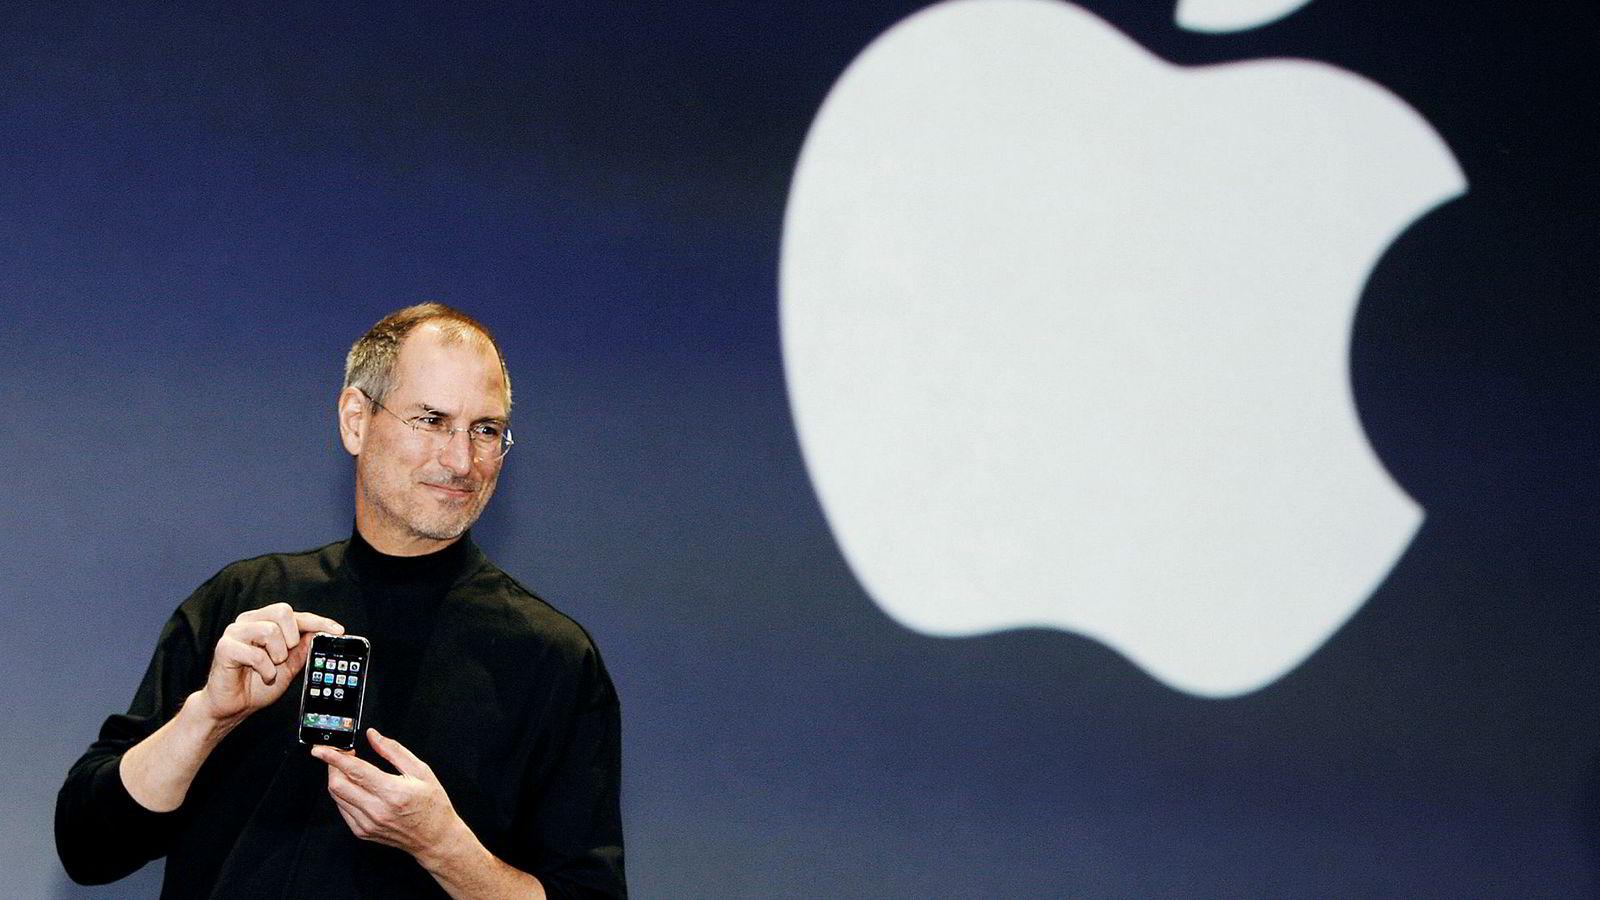 Da Steve Jobs i 2007 viste frem Iphone for første gang, var ikke språket preget av vanskelige begrep. Tvertimot snakket han med et ordforråd som går hjem hos tredjeklassinger på barneskolen.